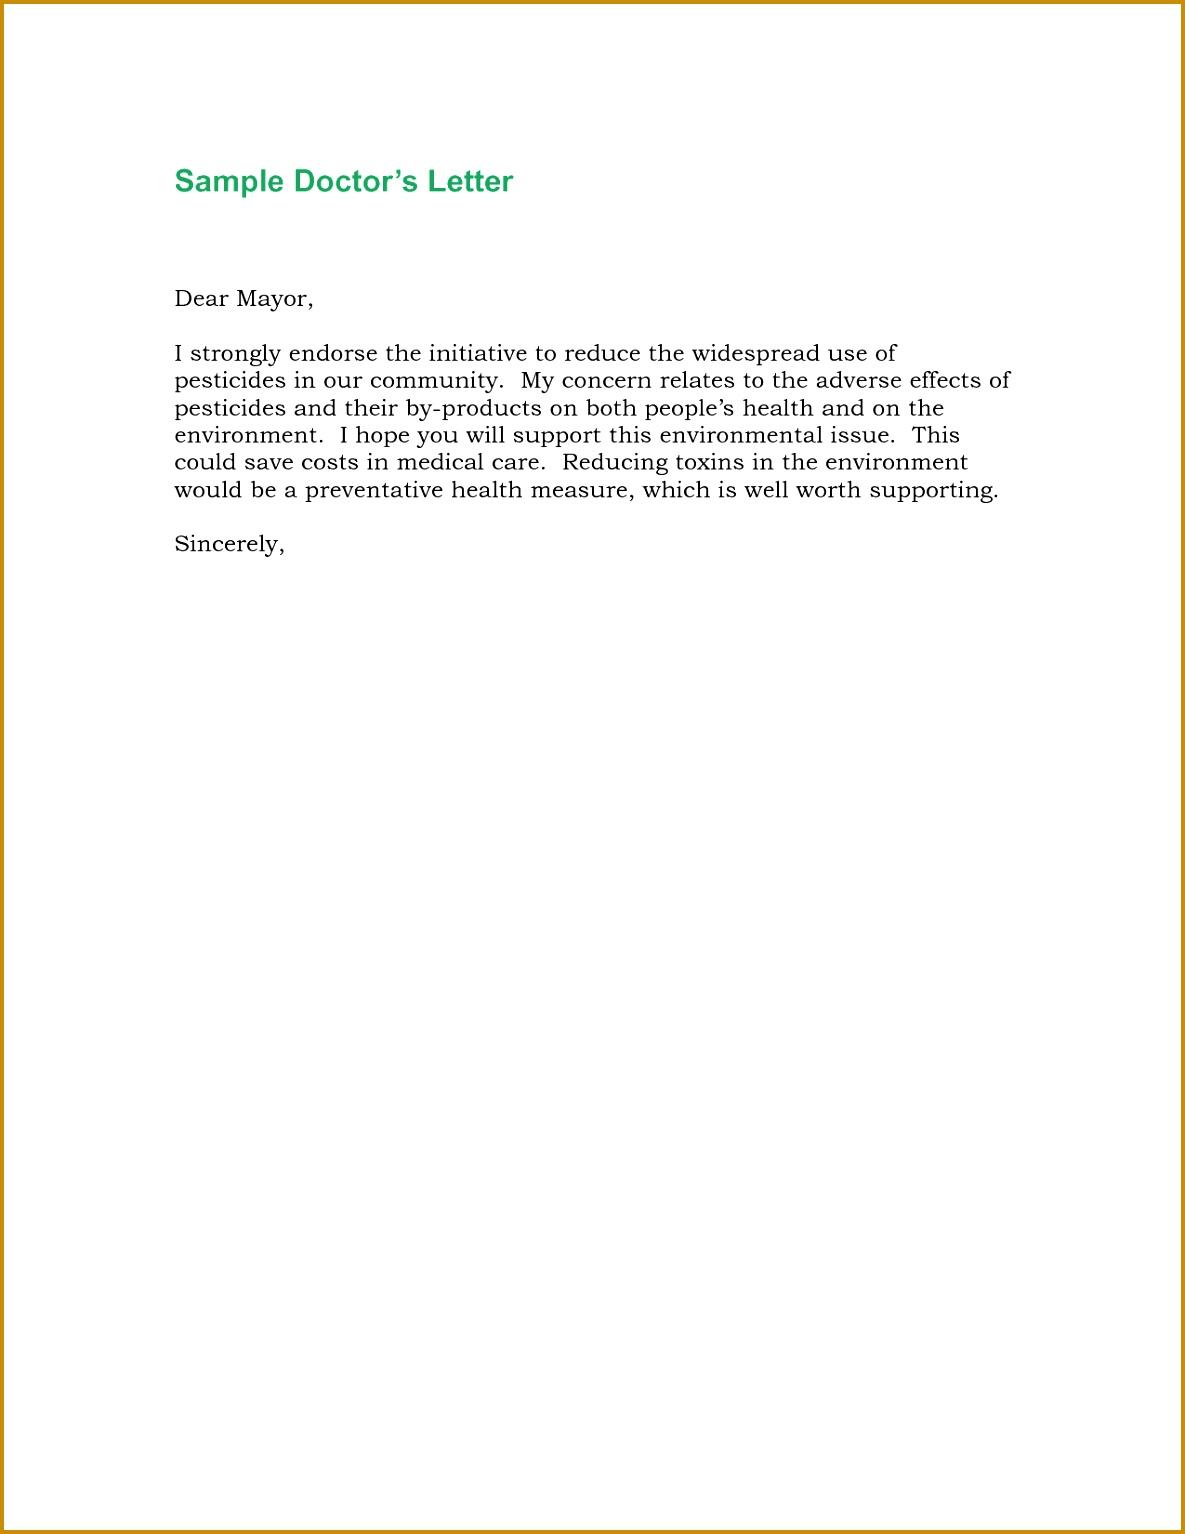 Doctor Re mendation Letter Sample 15341185